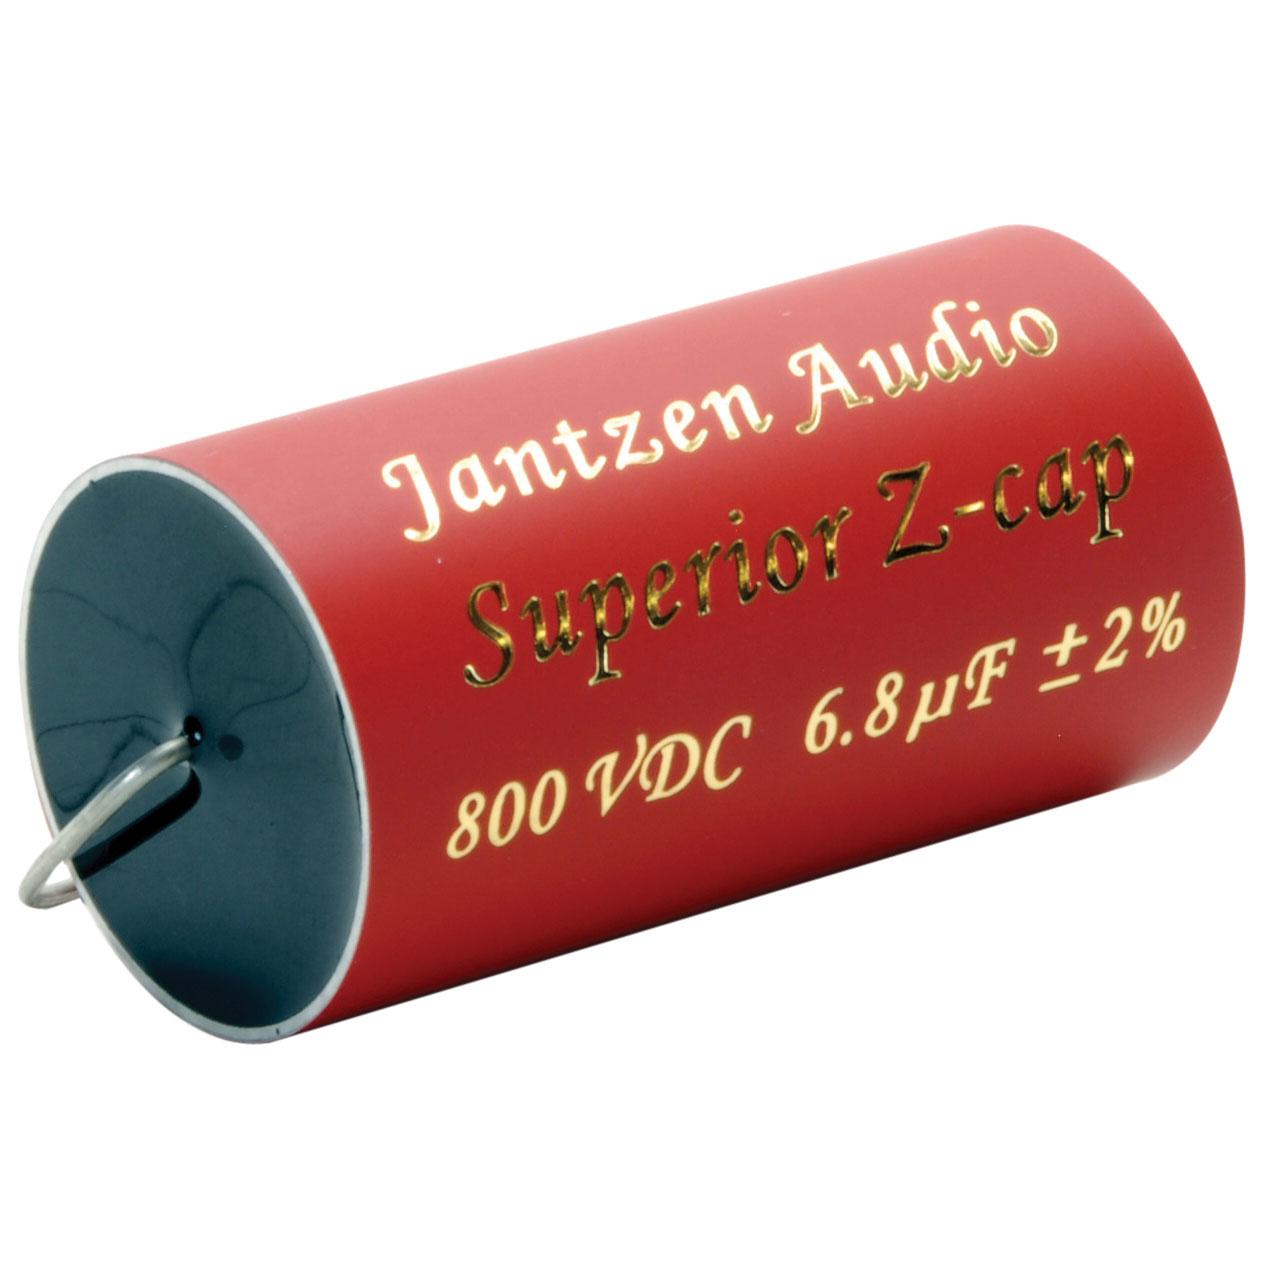 Jantzen audio Highend Z-Superior CAP 2,2 UF 800v